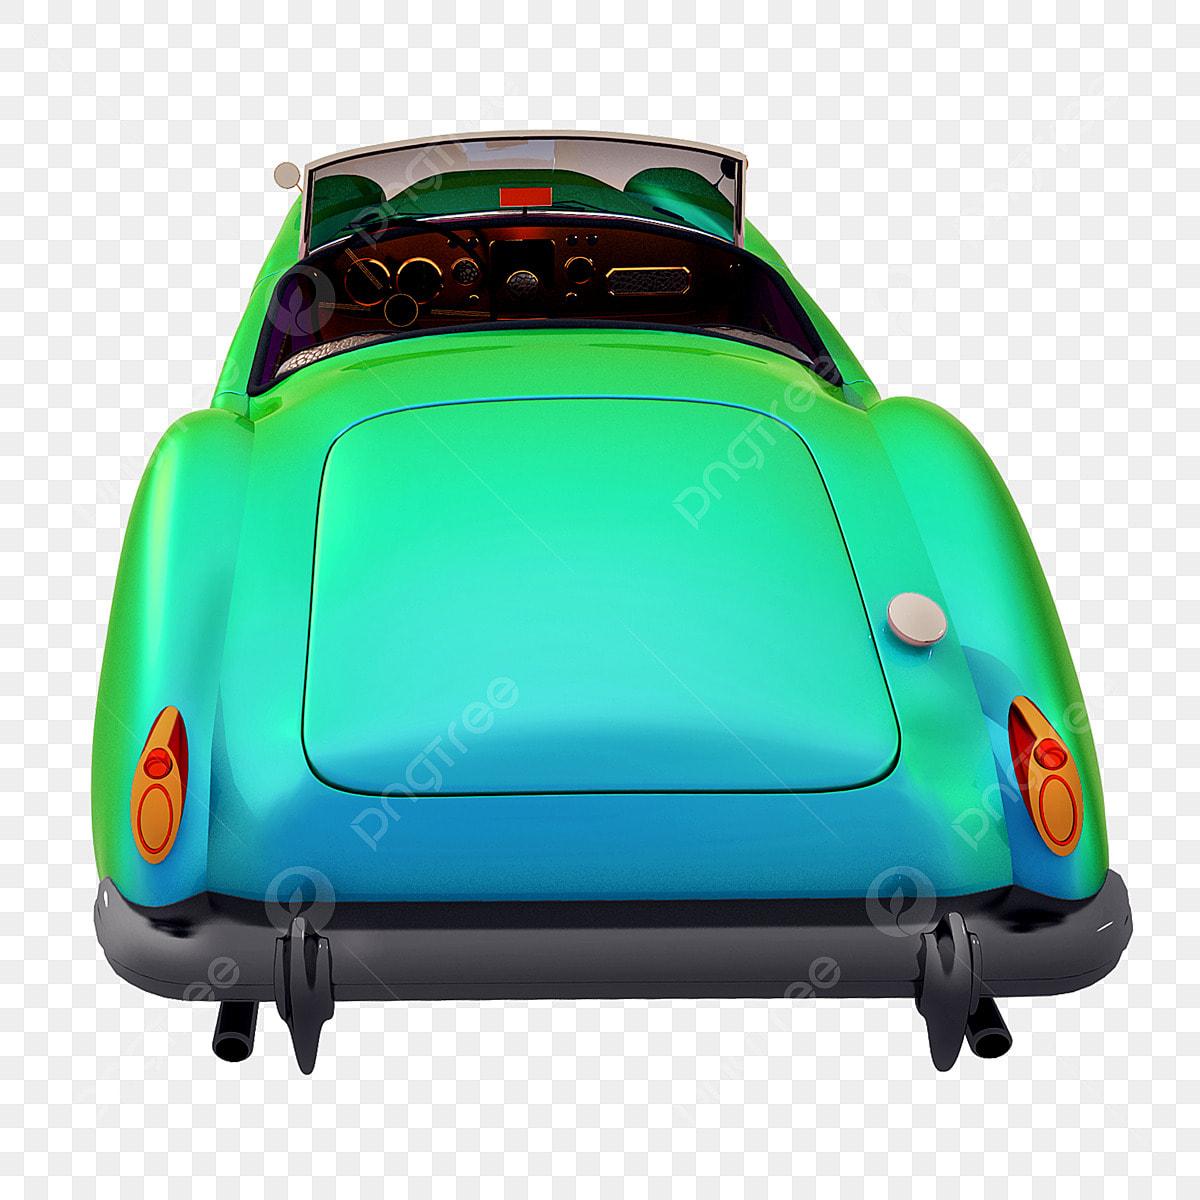 3次元 車 レトロ クラシックカー 立体テクスチャ変換png 3次元 創造